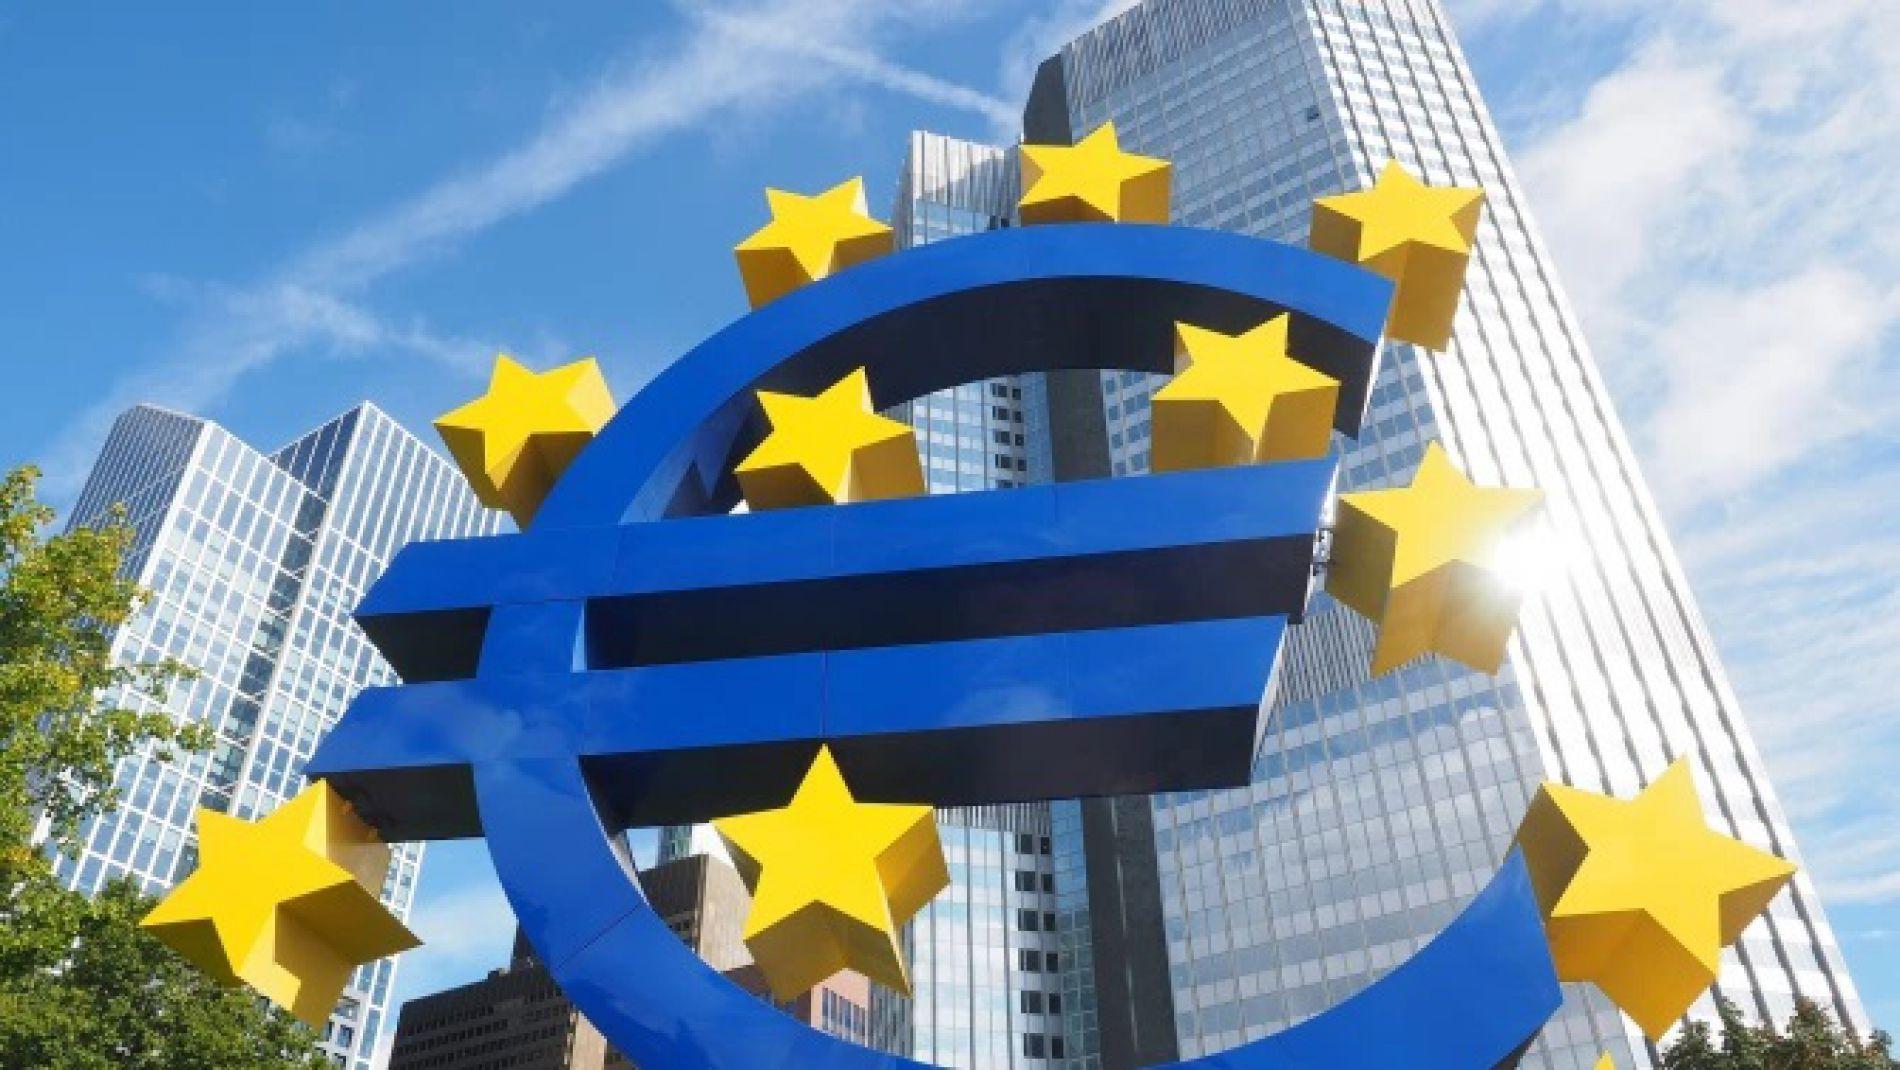 Ройтерс:Болгария входит в зал ожидания Еврозоны